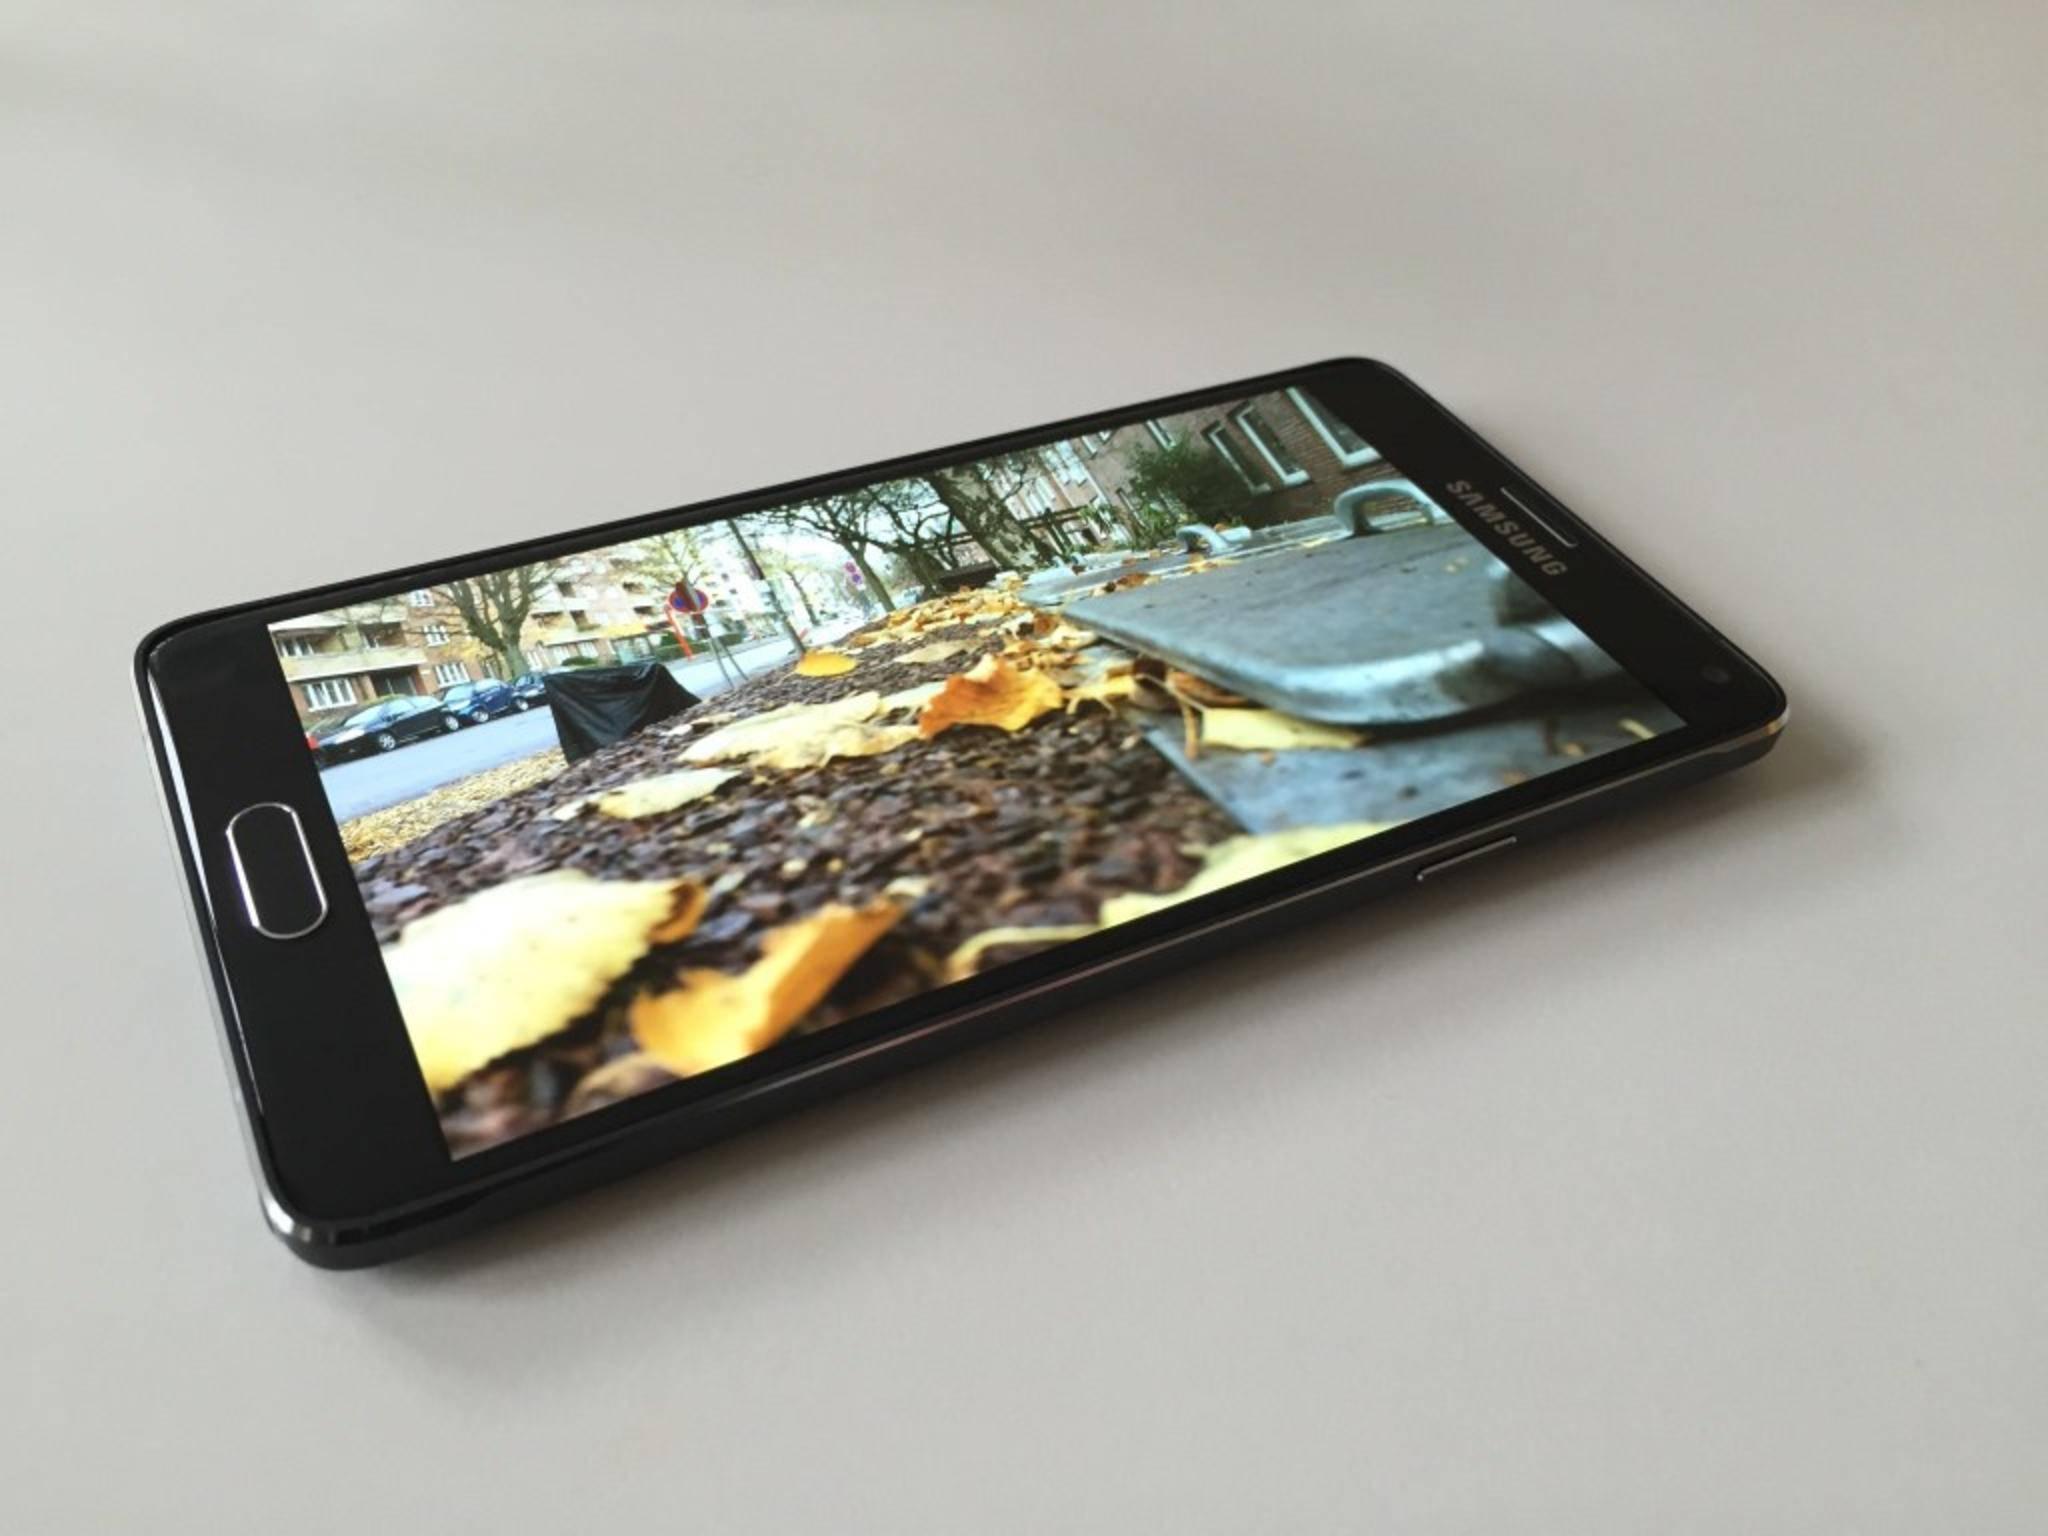 Das Samsung Galaxy Note 4 besticht mit einem klaren QHD-Display.